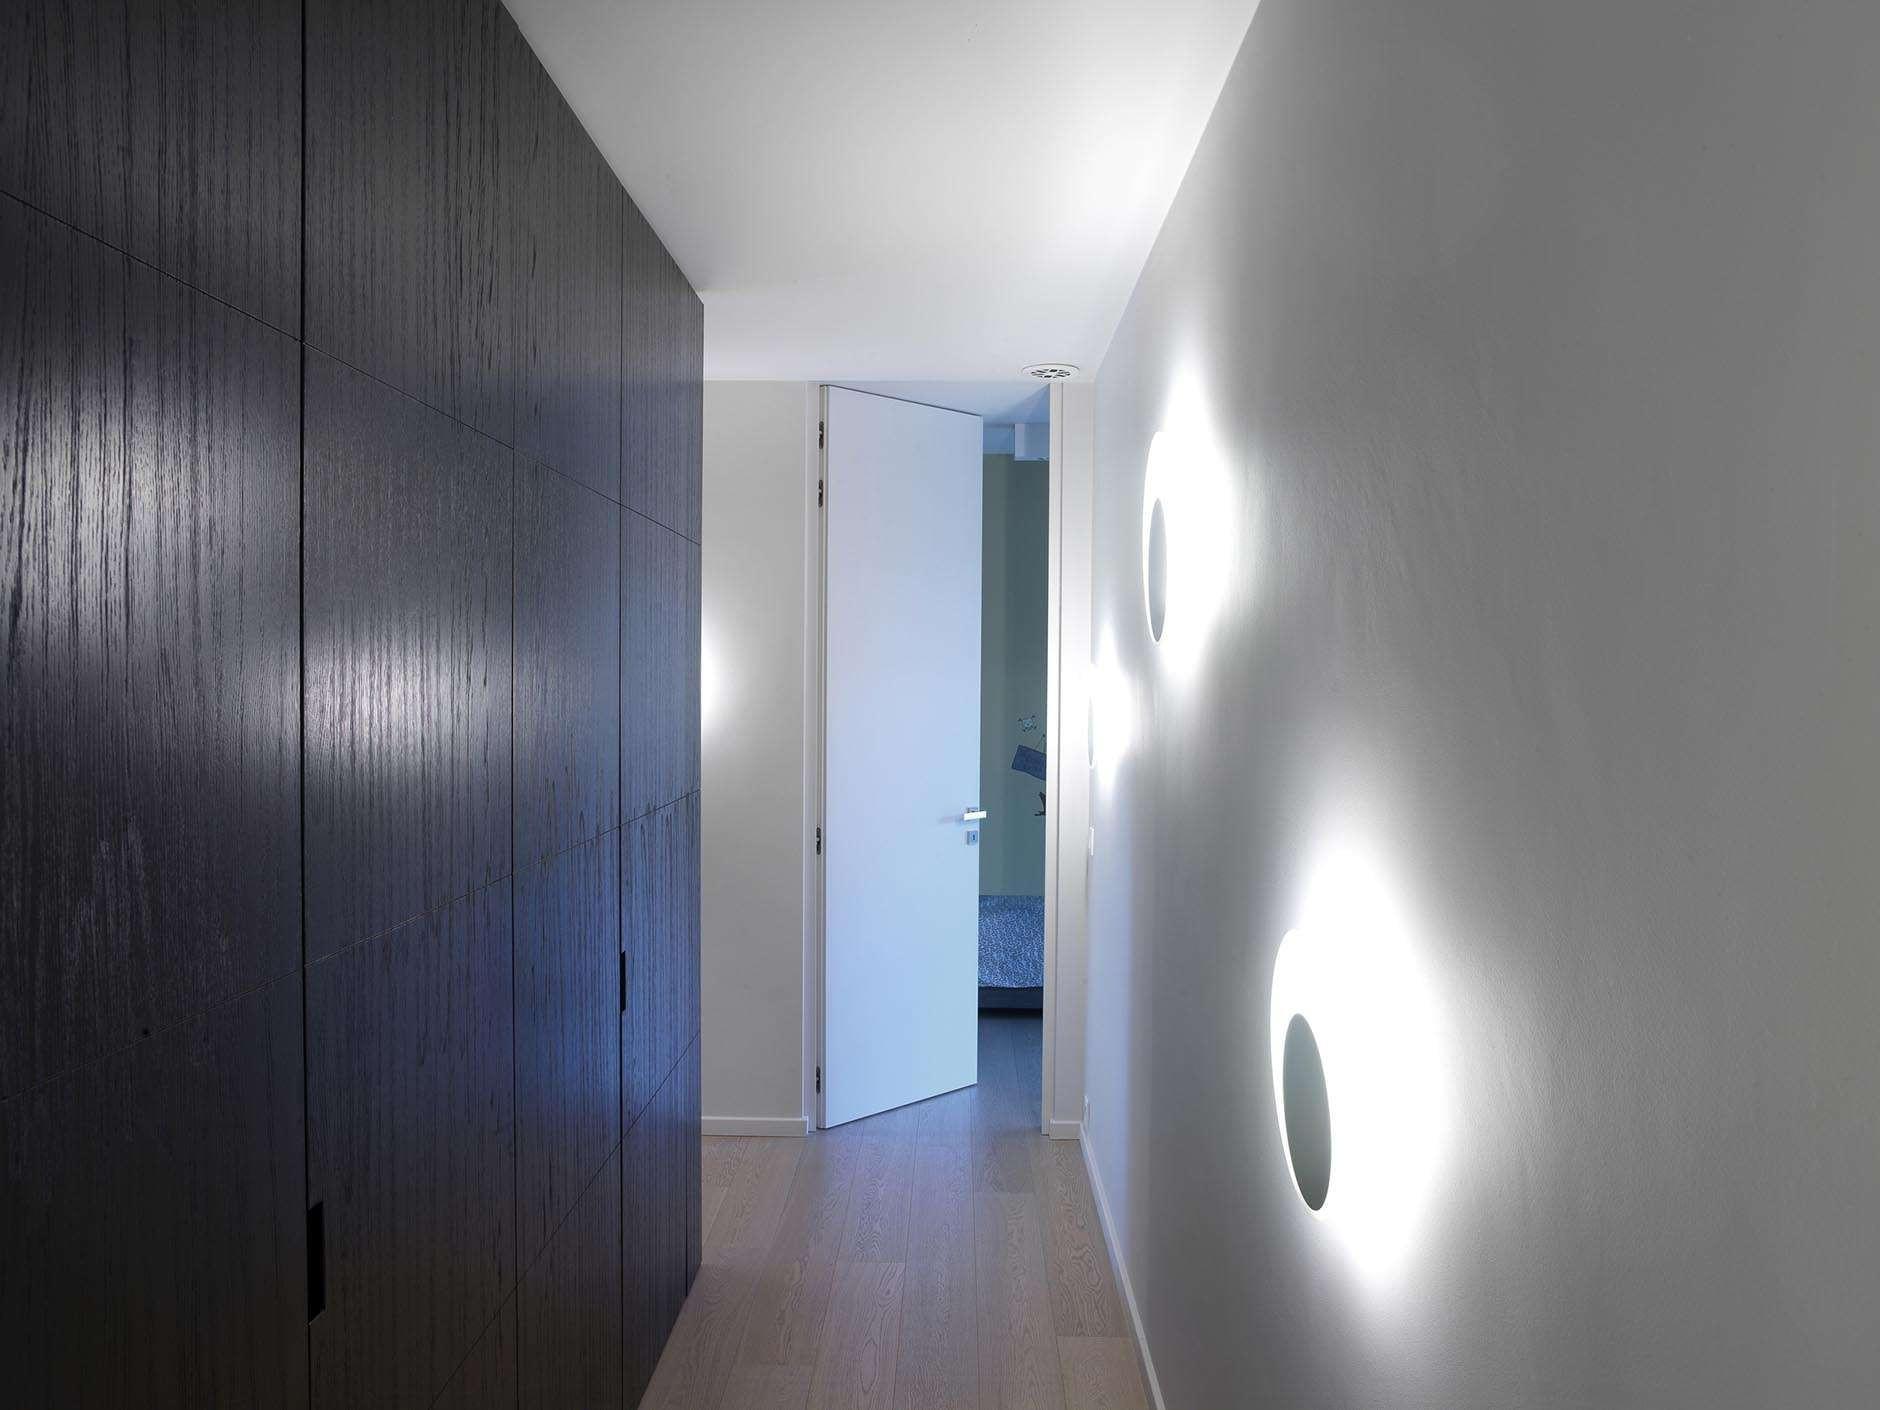 Nordex_hoge deuren_35